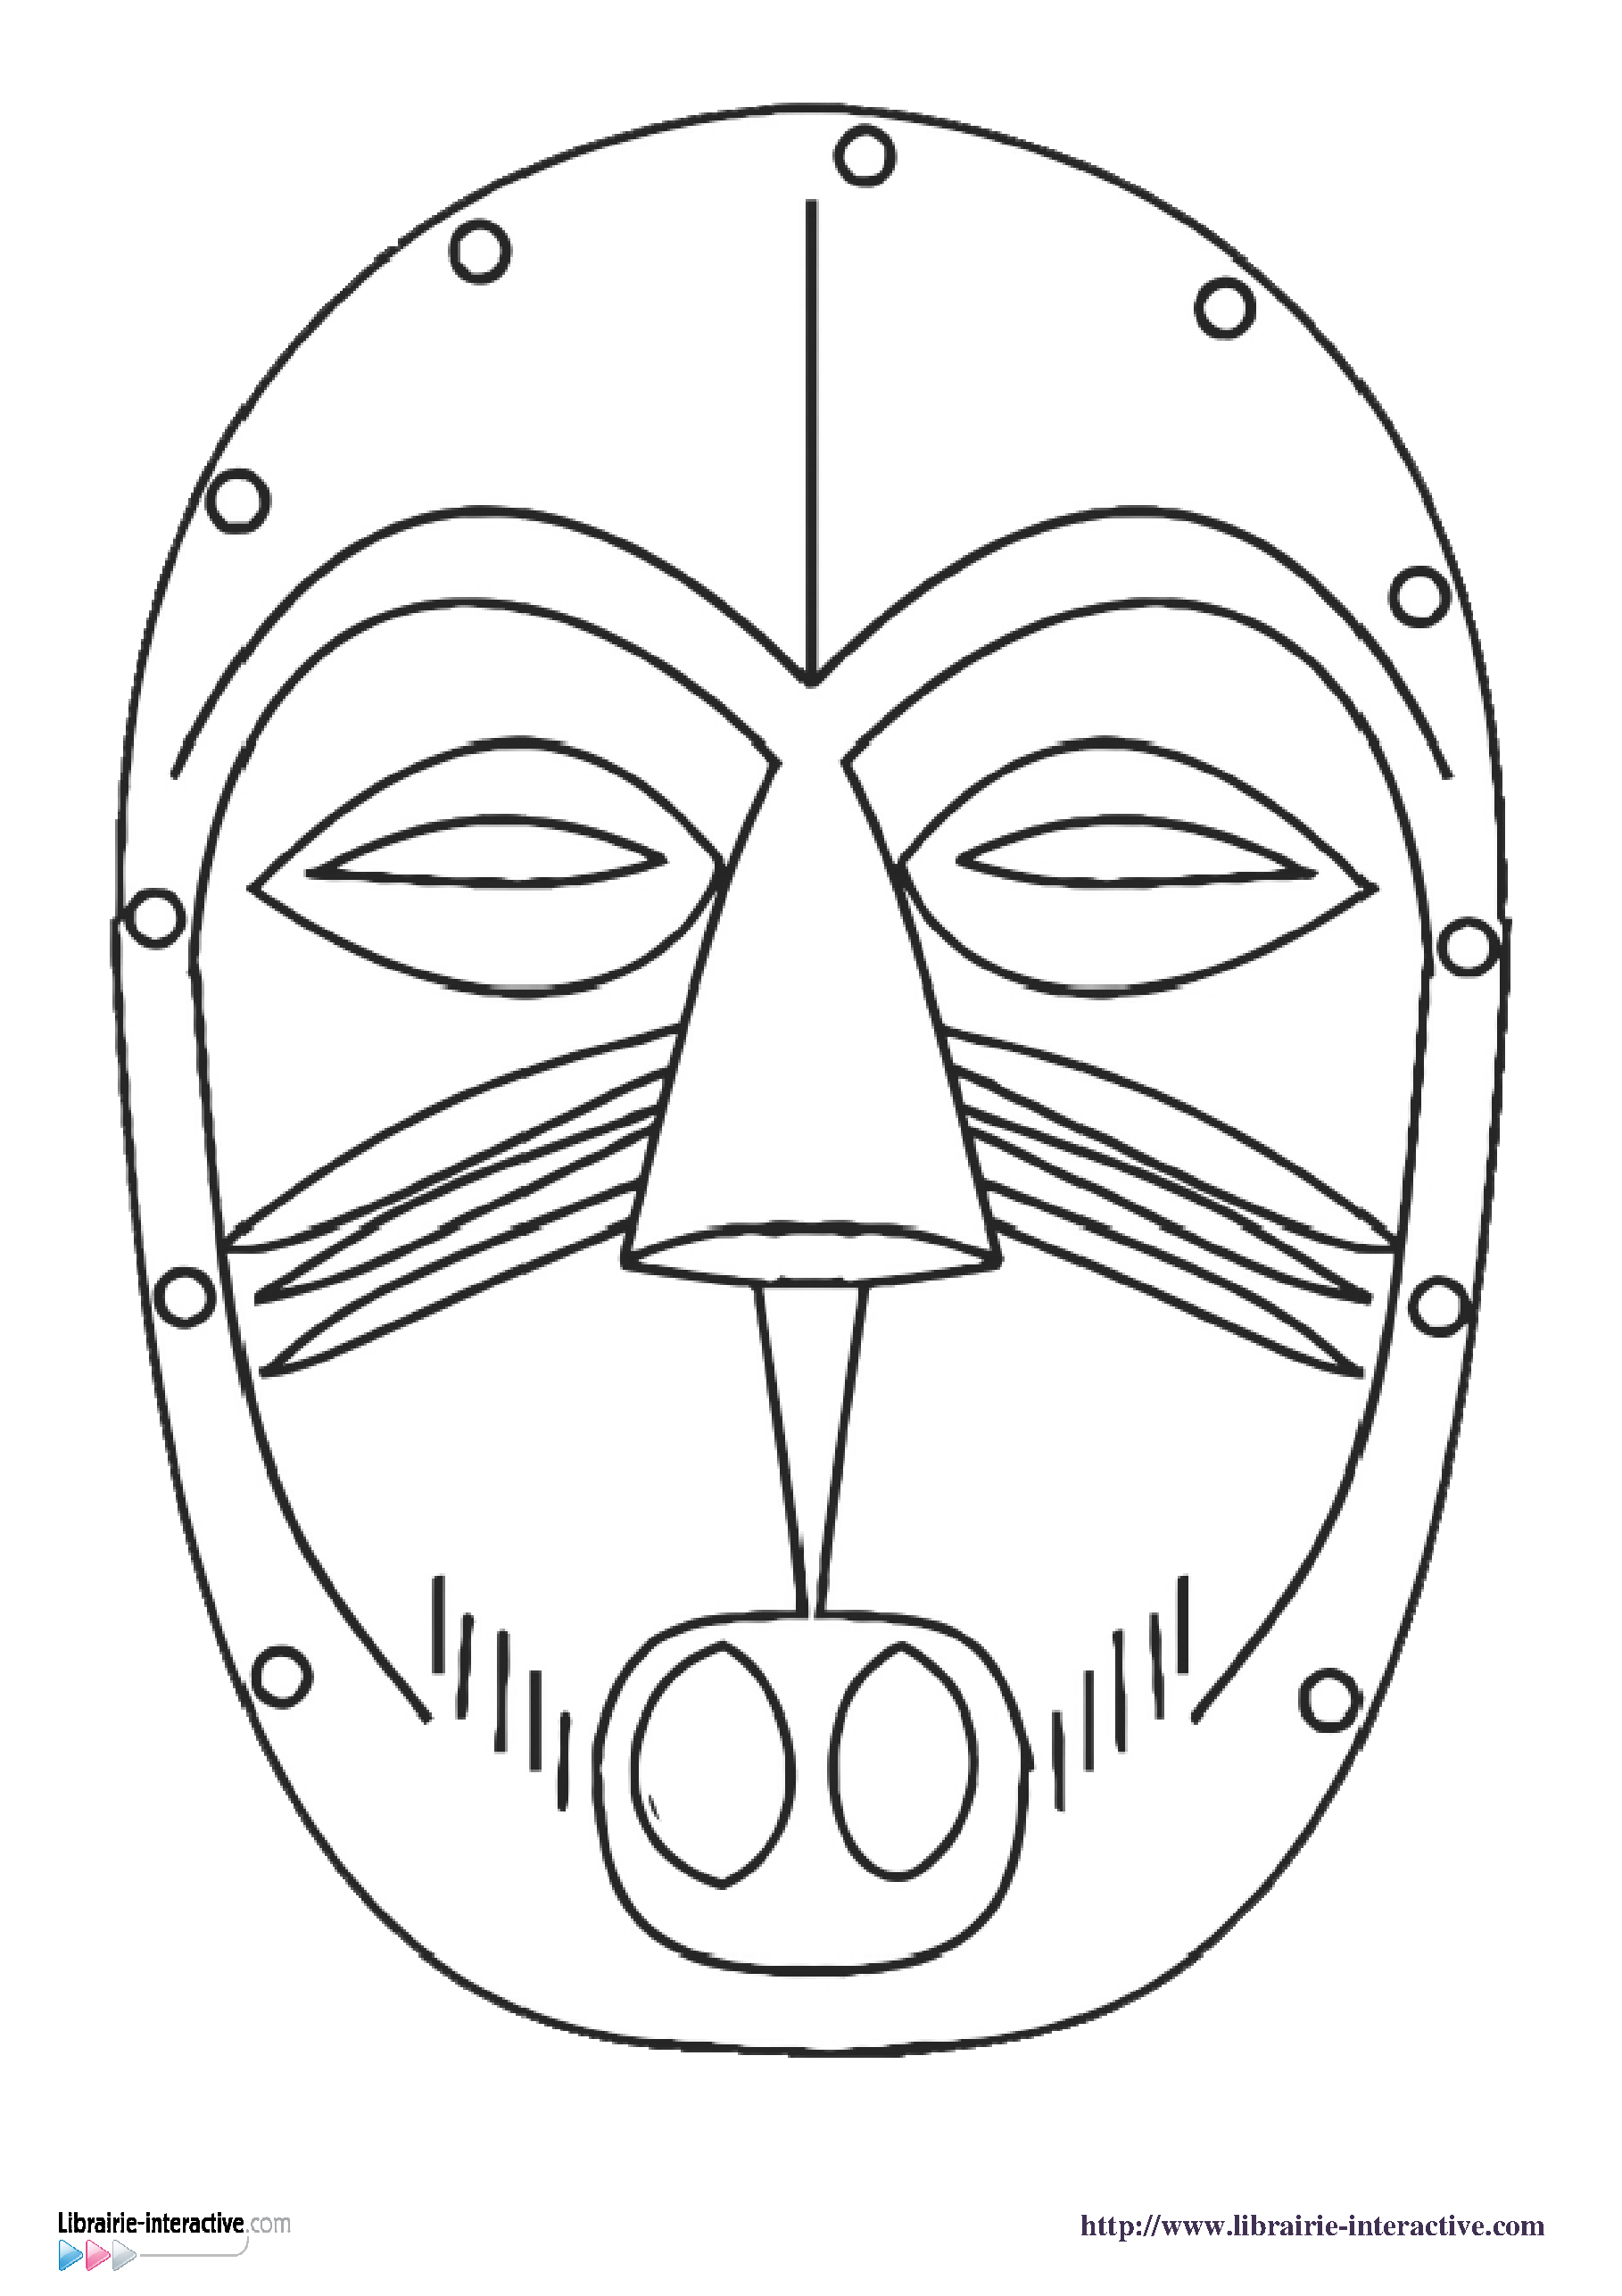 Dessins Gratuits À Colorier - Coloriage Masque Afrique À avec Masque Canard À Imprimer